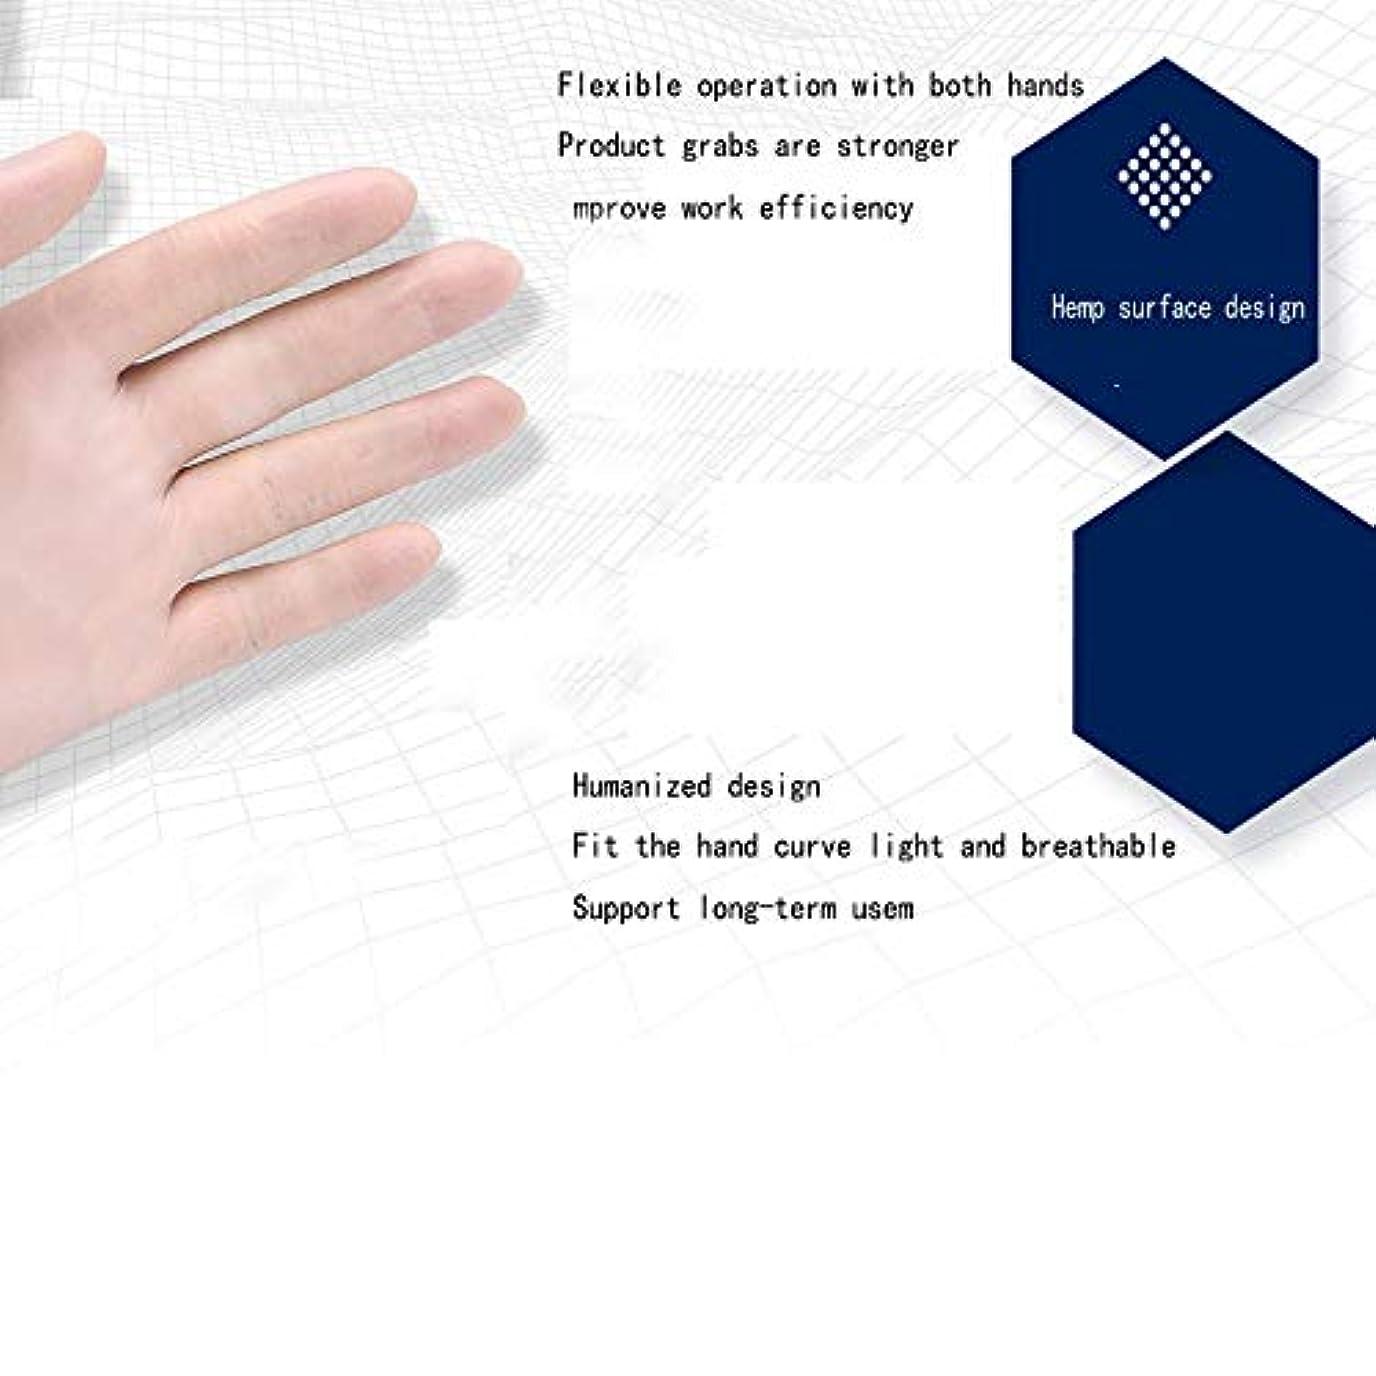 とティームそれから分泌するSafeguard Nitri Disposable Gloves、パウダーフリー、食品用グローブ、ラテックスフリー、100 Pcサニタリーグローブ (サイズ さいず : S s)